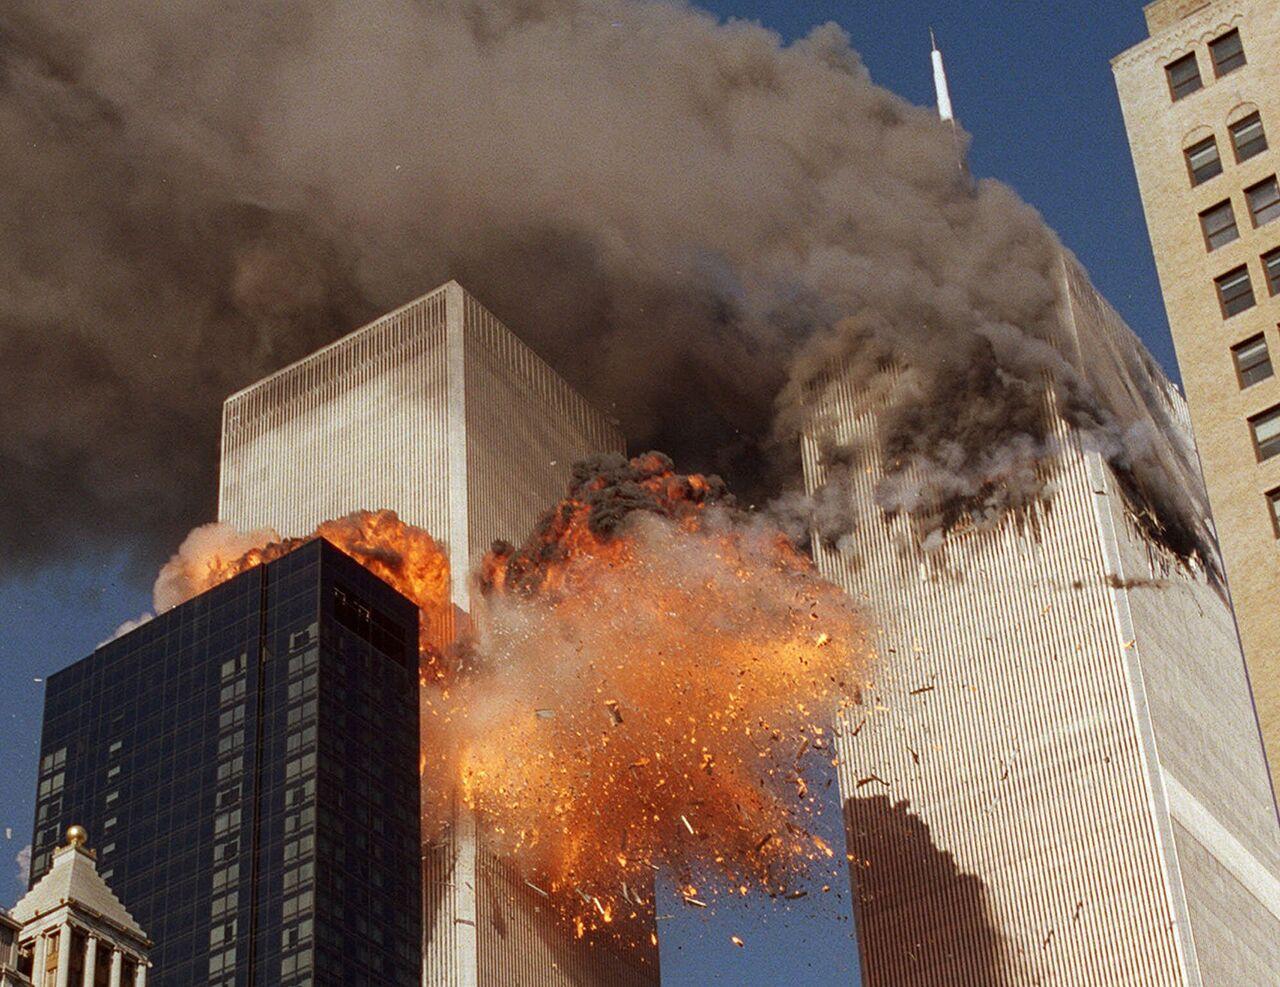 آمریکا نام دیپلمات سعودی دخیل در حمله ۱۱ سپتامبر را فاش کرد